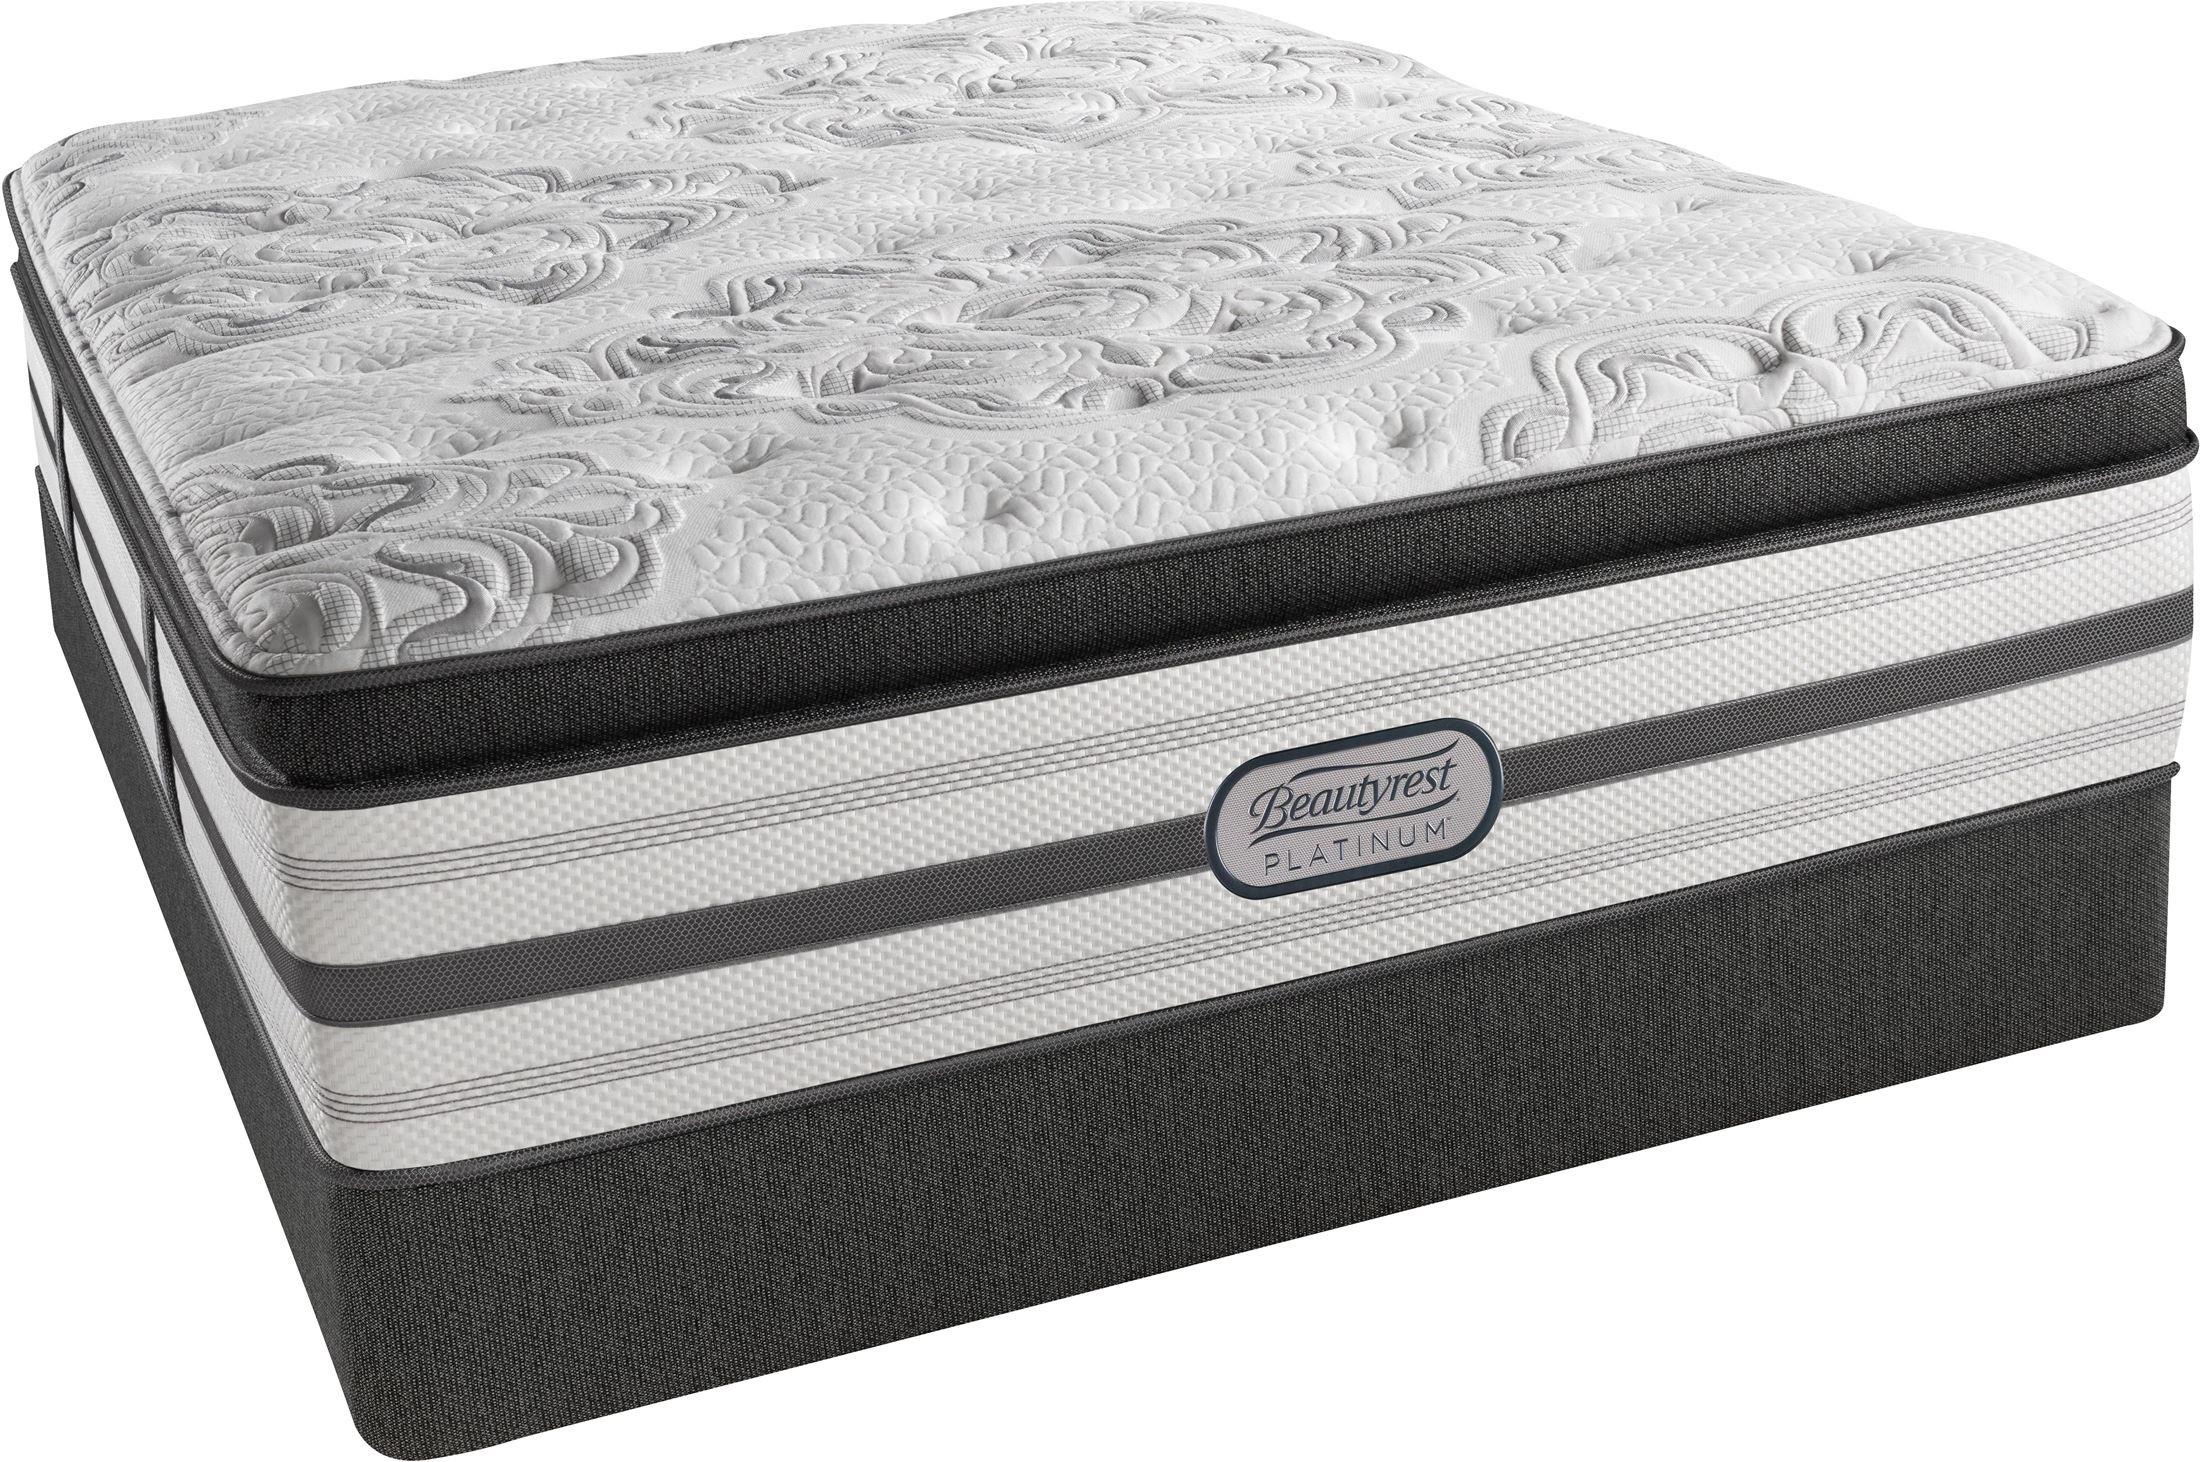 BeautyRest Recharge Platinum Gatsby Pillow Top Plush Queen